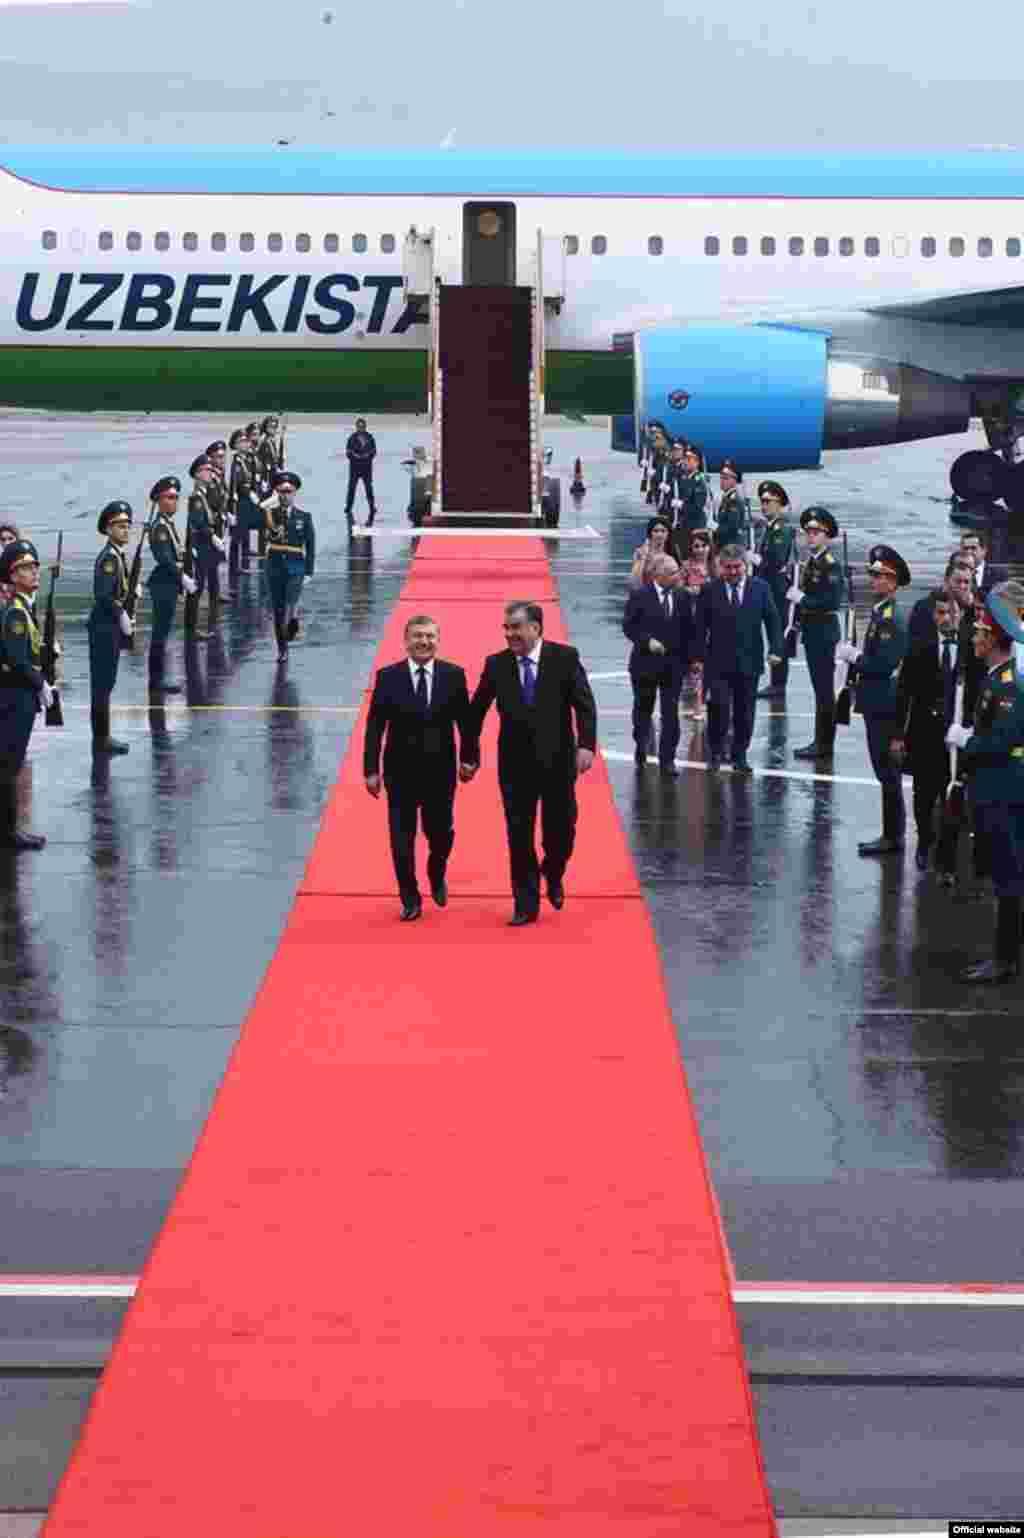 В международном аэропорту города Душанбе узбекского президента встретили президент Таджикистана Эмомали Рахмон и другие официальные лица, передает Таджикская служба РСЕ/РС.